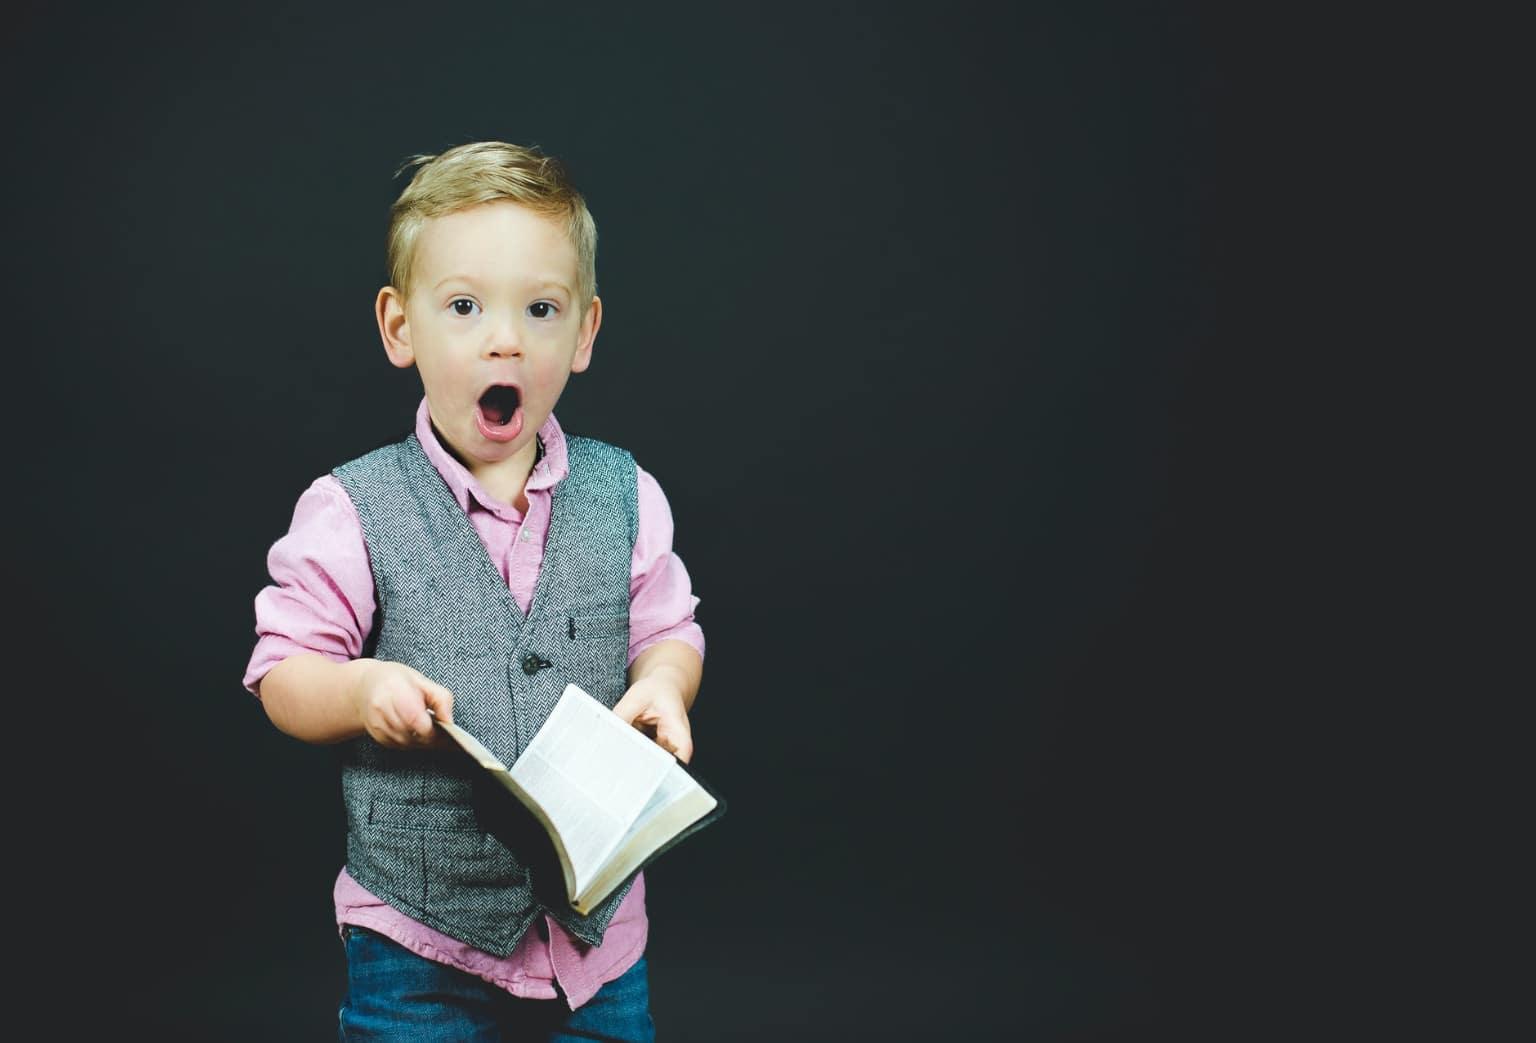 quiz avez vous les 7 caracteristiques d'un entrepreneur